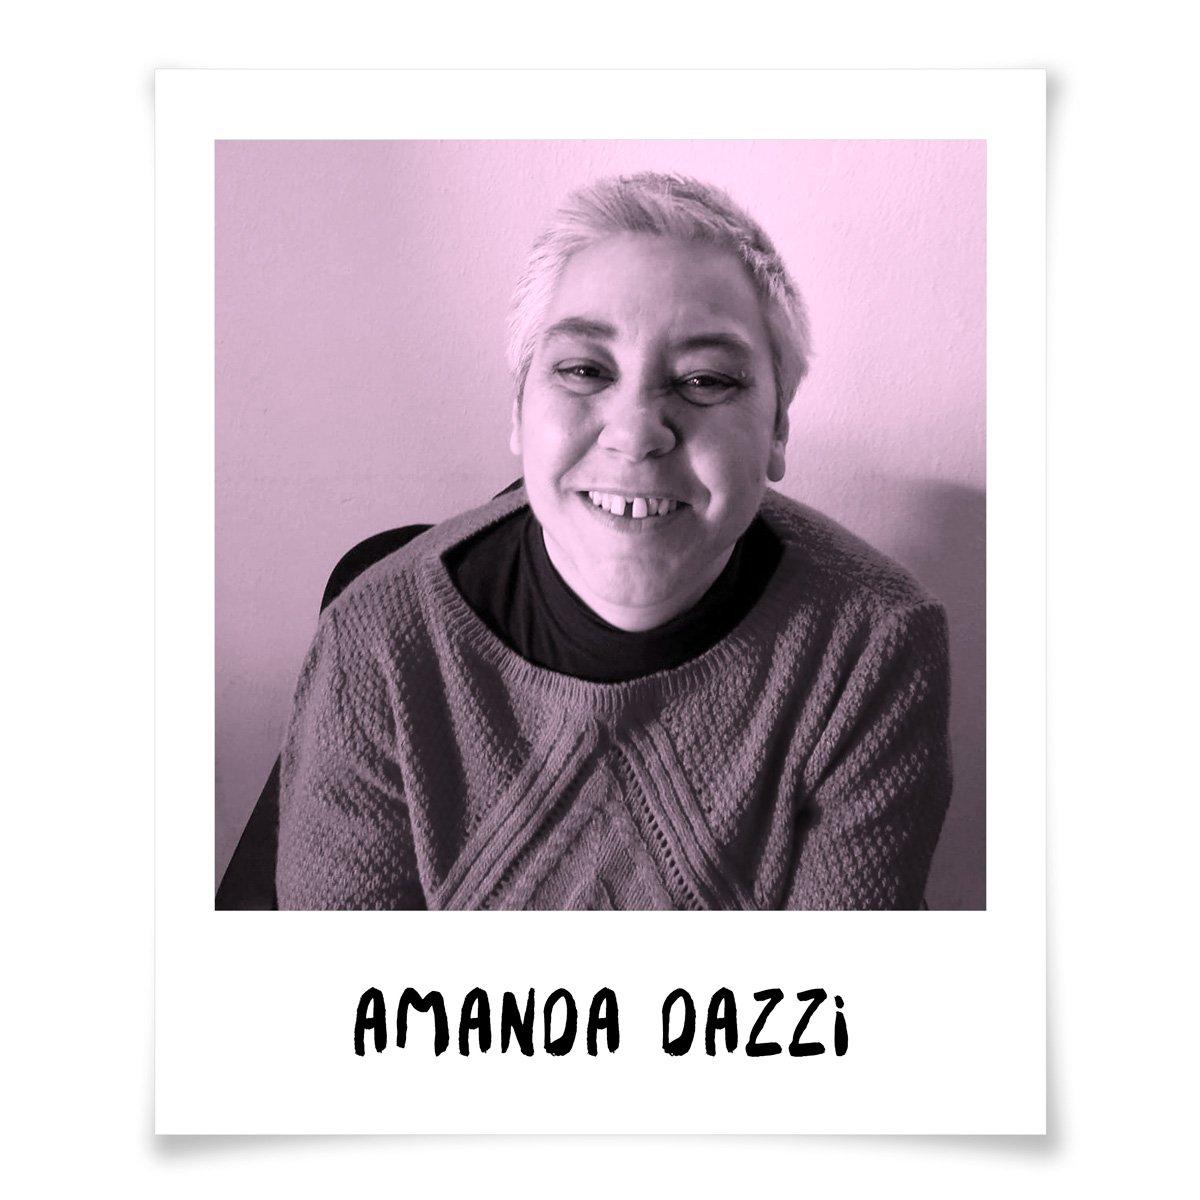 Amanda_Dazzi